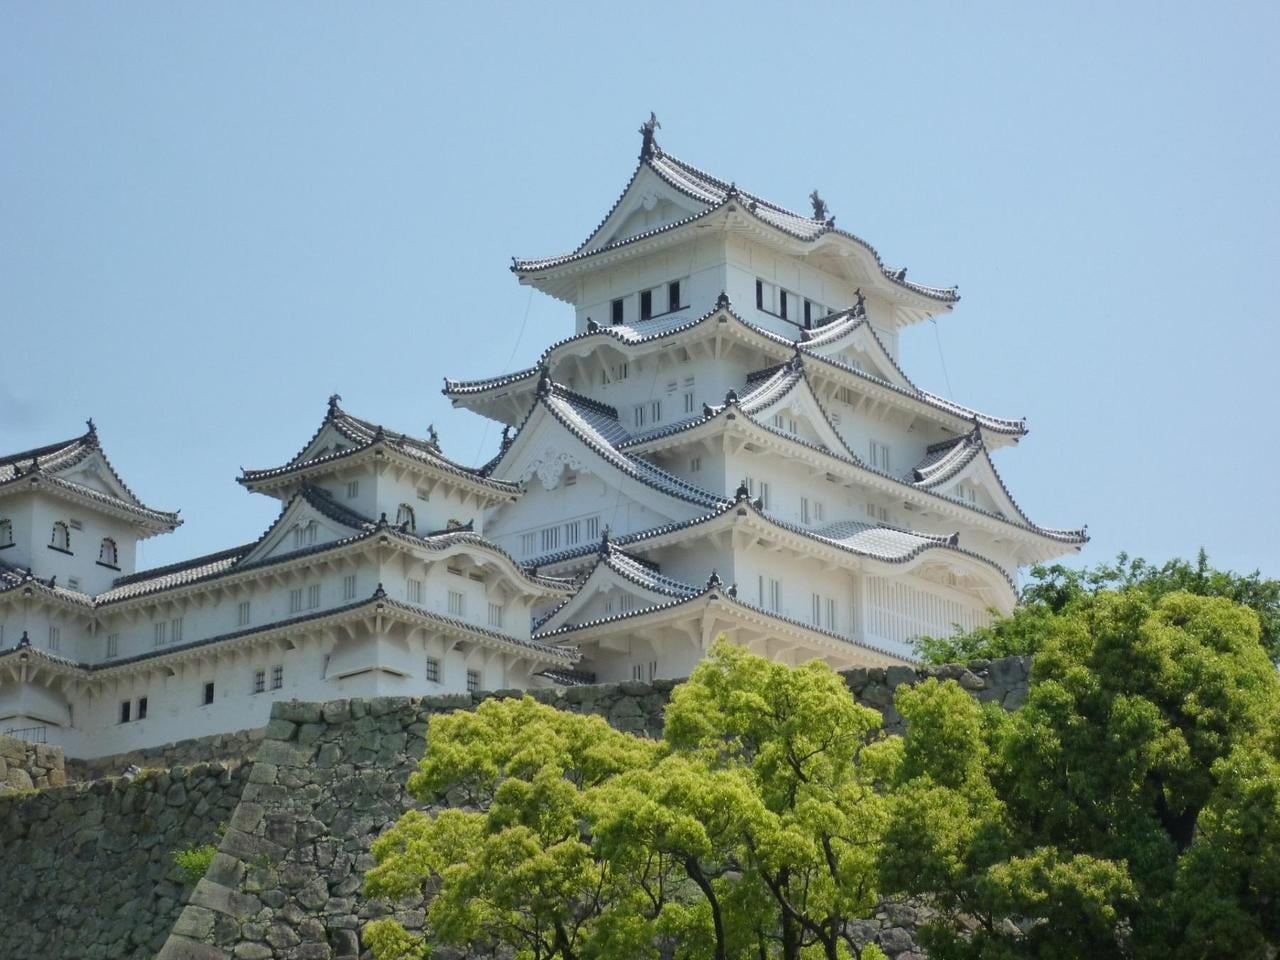 【姫路城周辺駐車場一覧】便利にお得に姫路城観光をしよう!